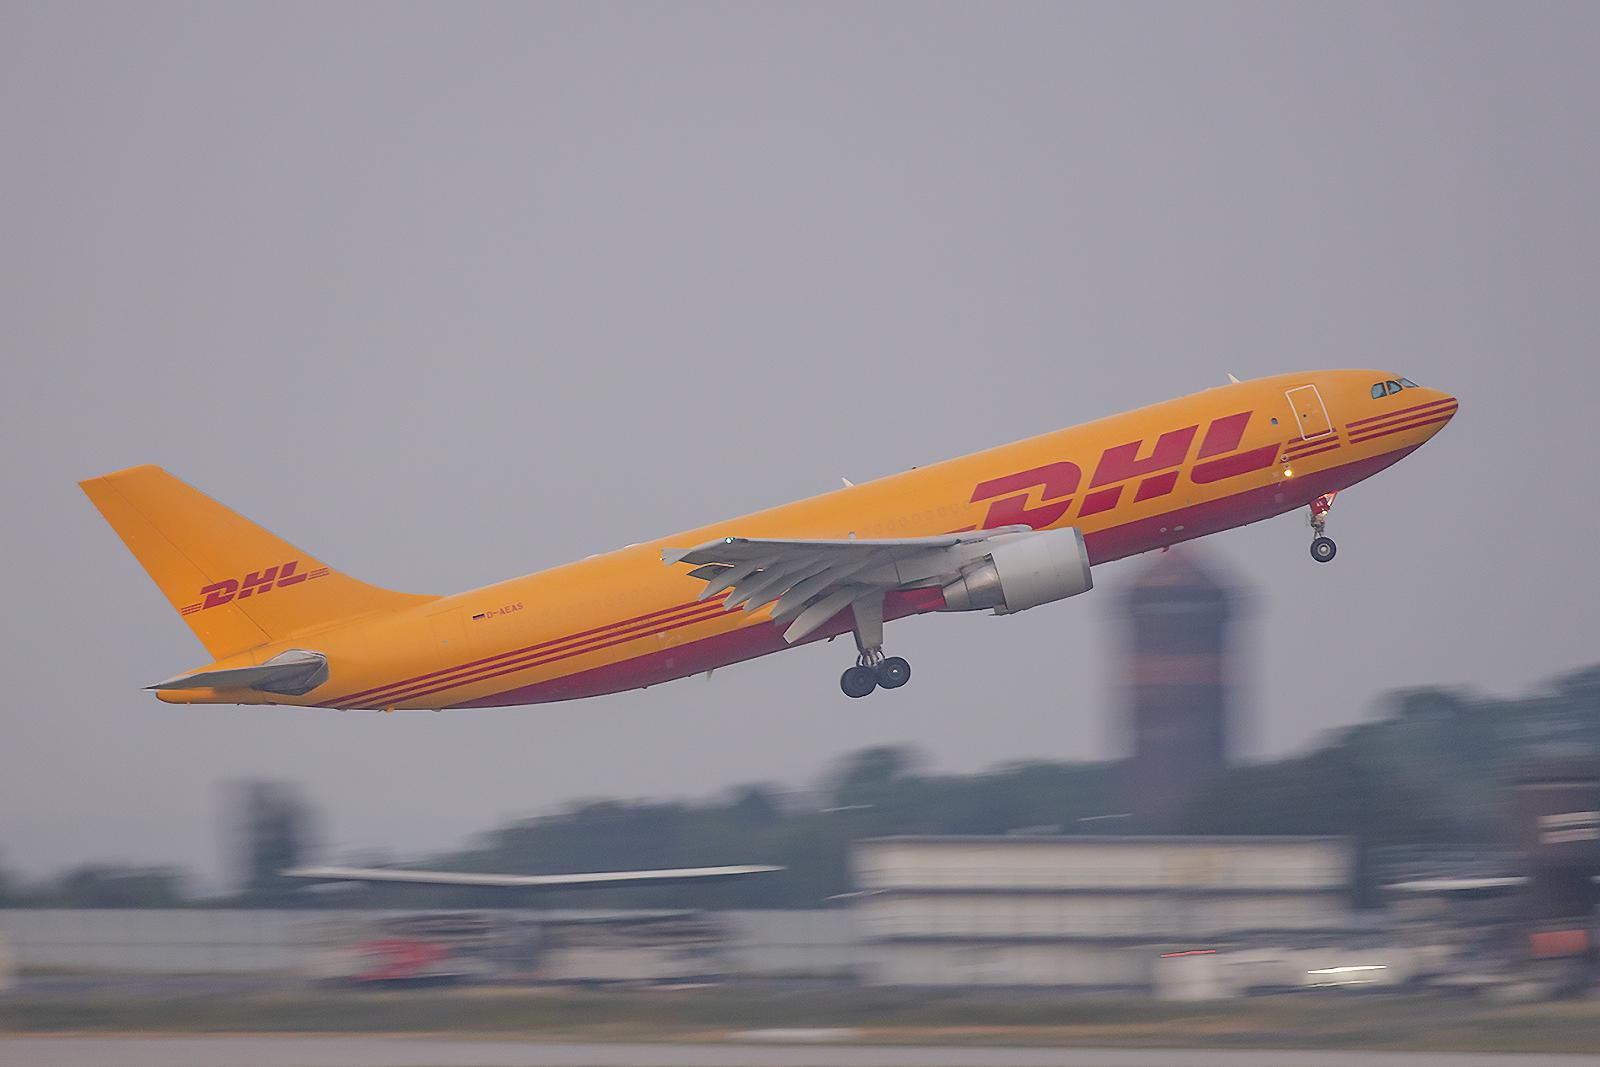 Die D-AEAS ist eine A300 die man von Japan Airlines übernommen hatte und die in Dresden zum Frachter umgebaut wurden.